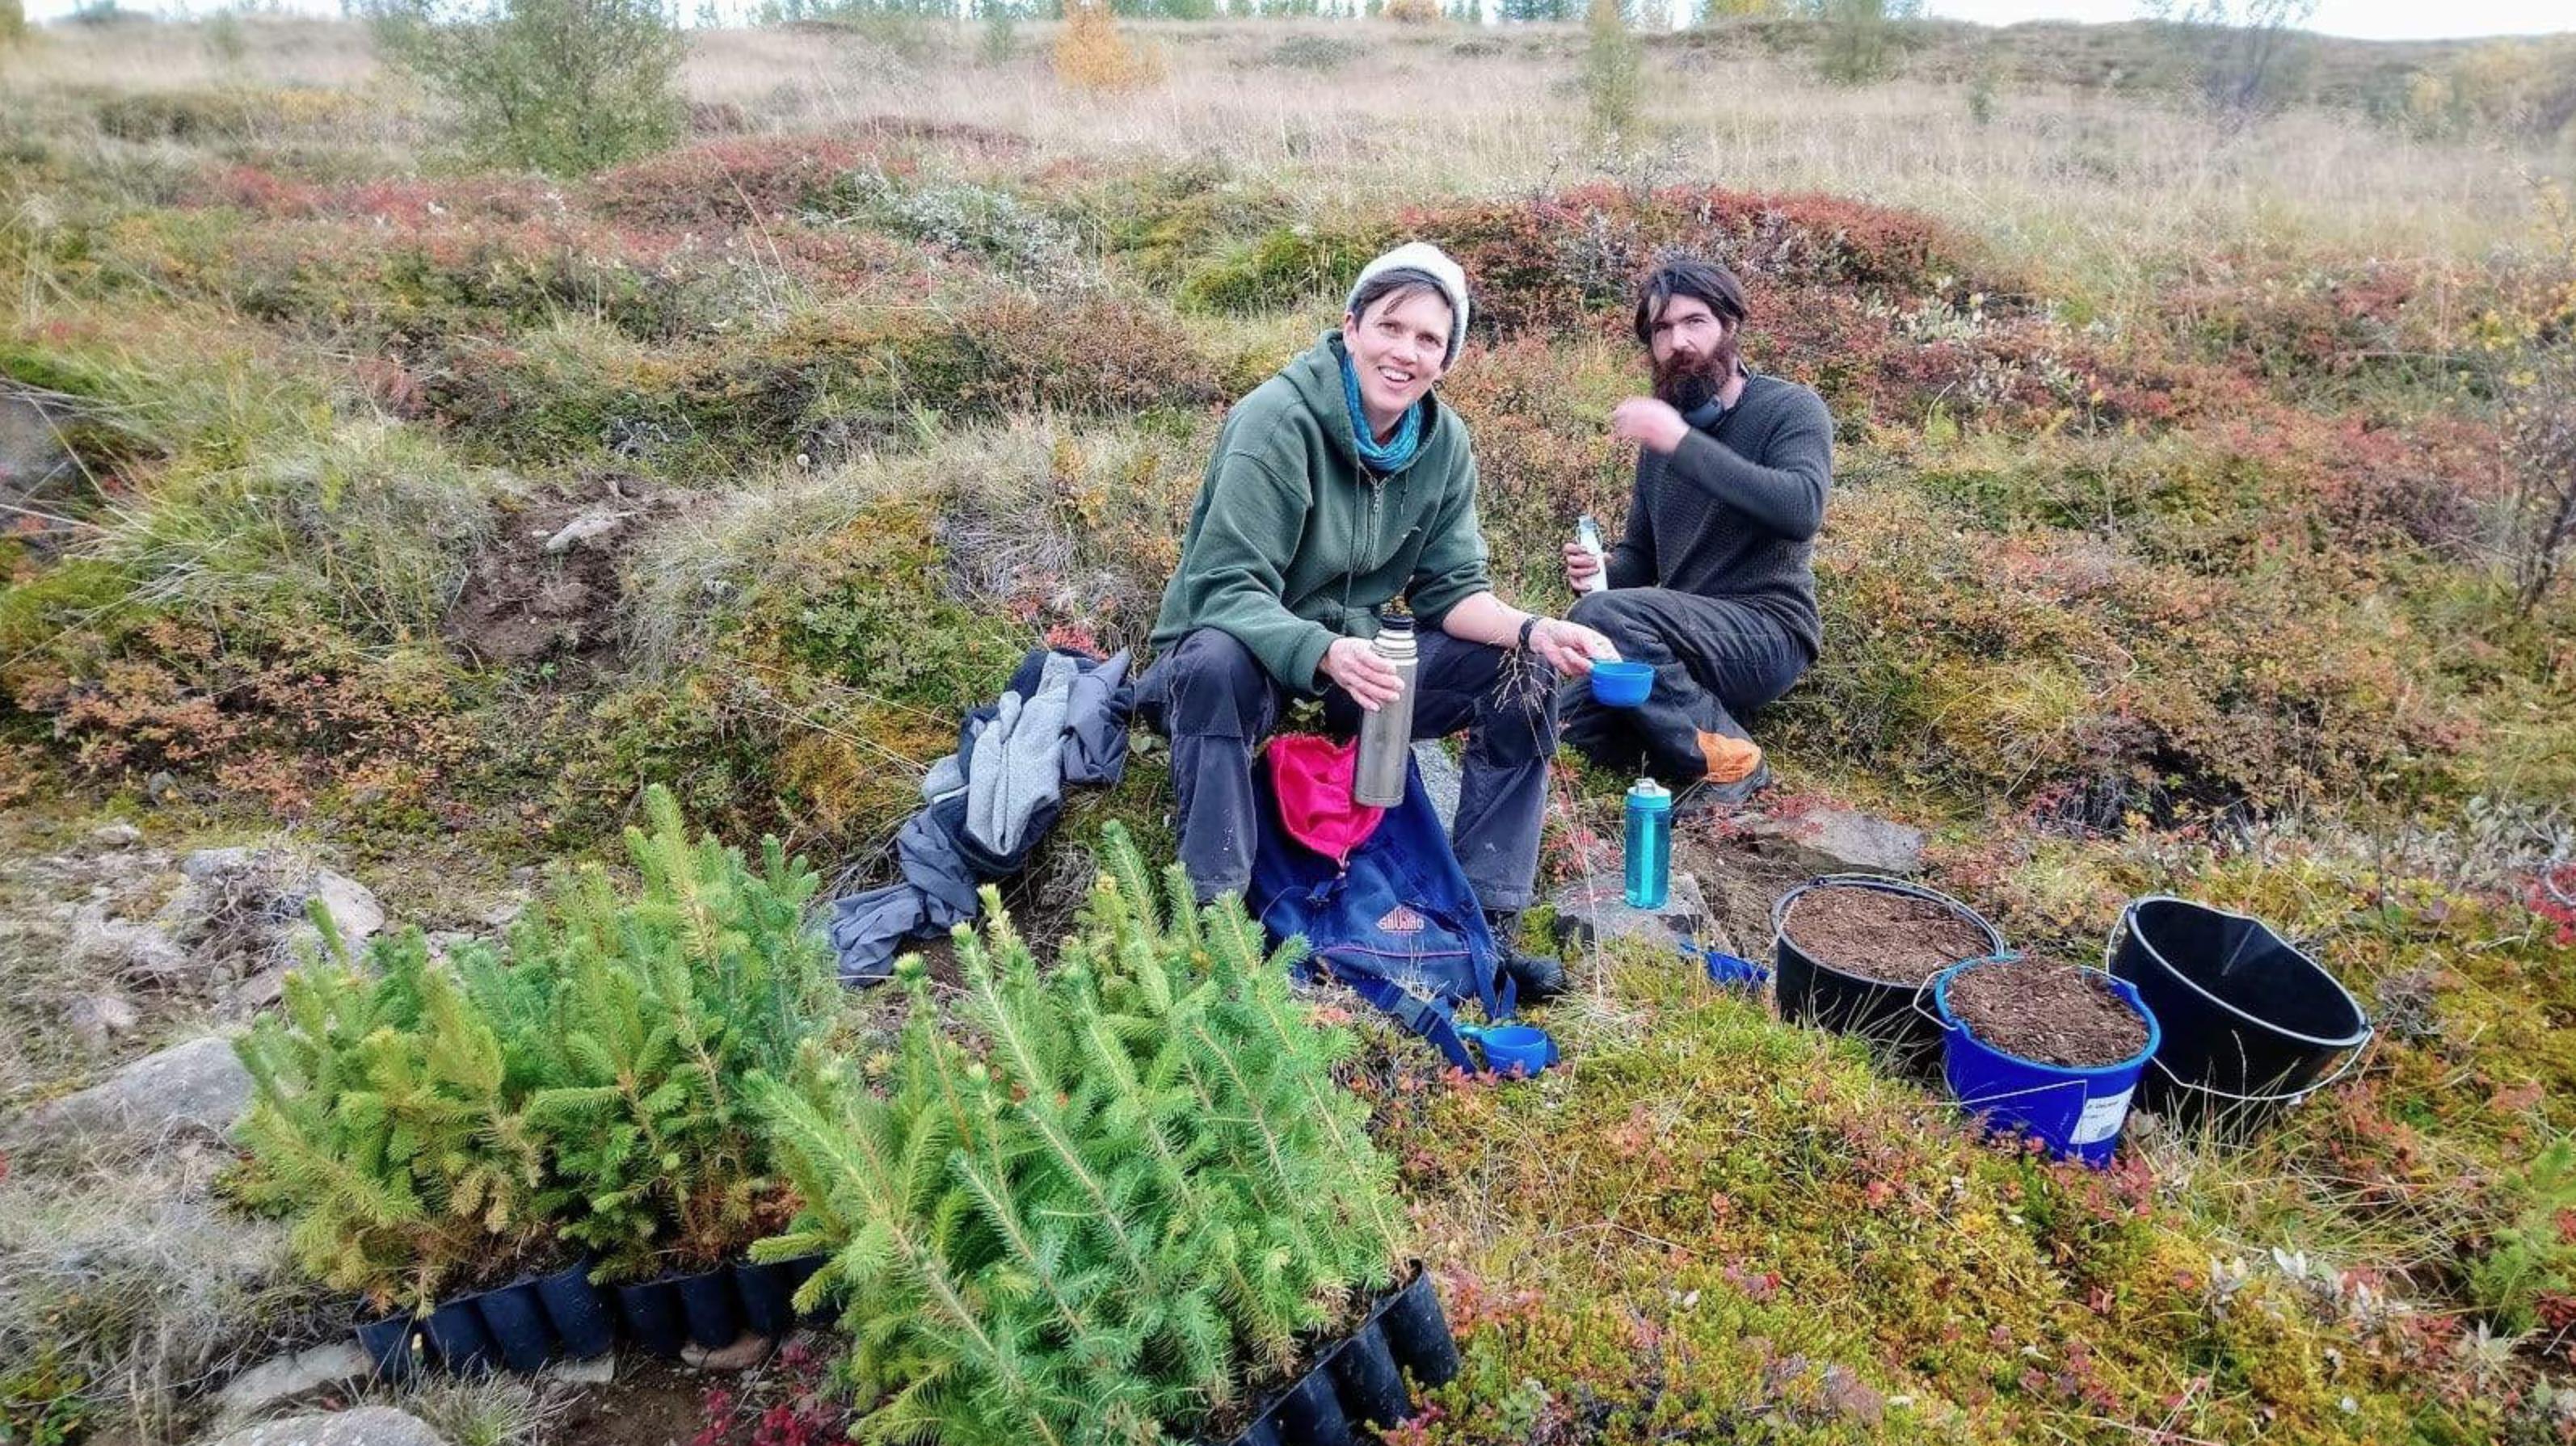 Zasadili jsme dalších 100 stromů na Islandu